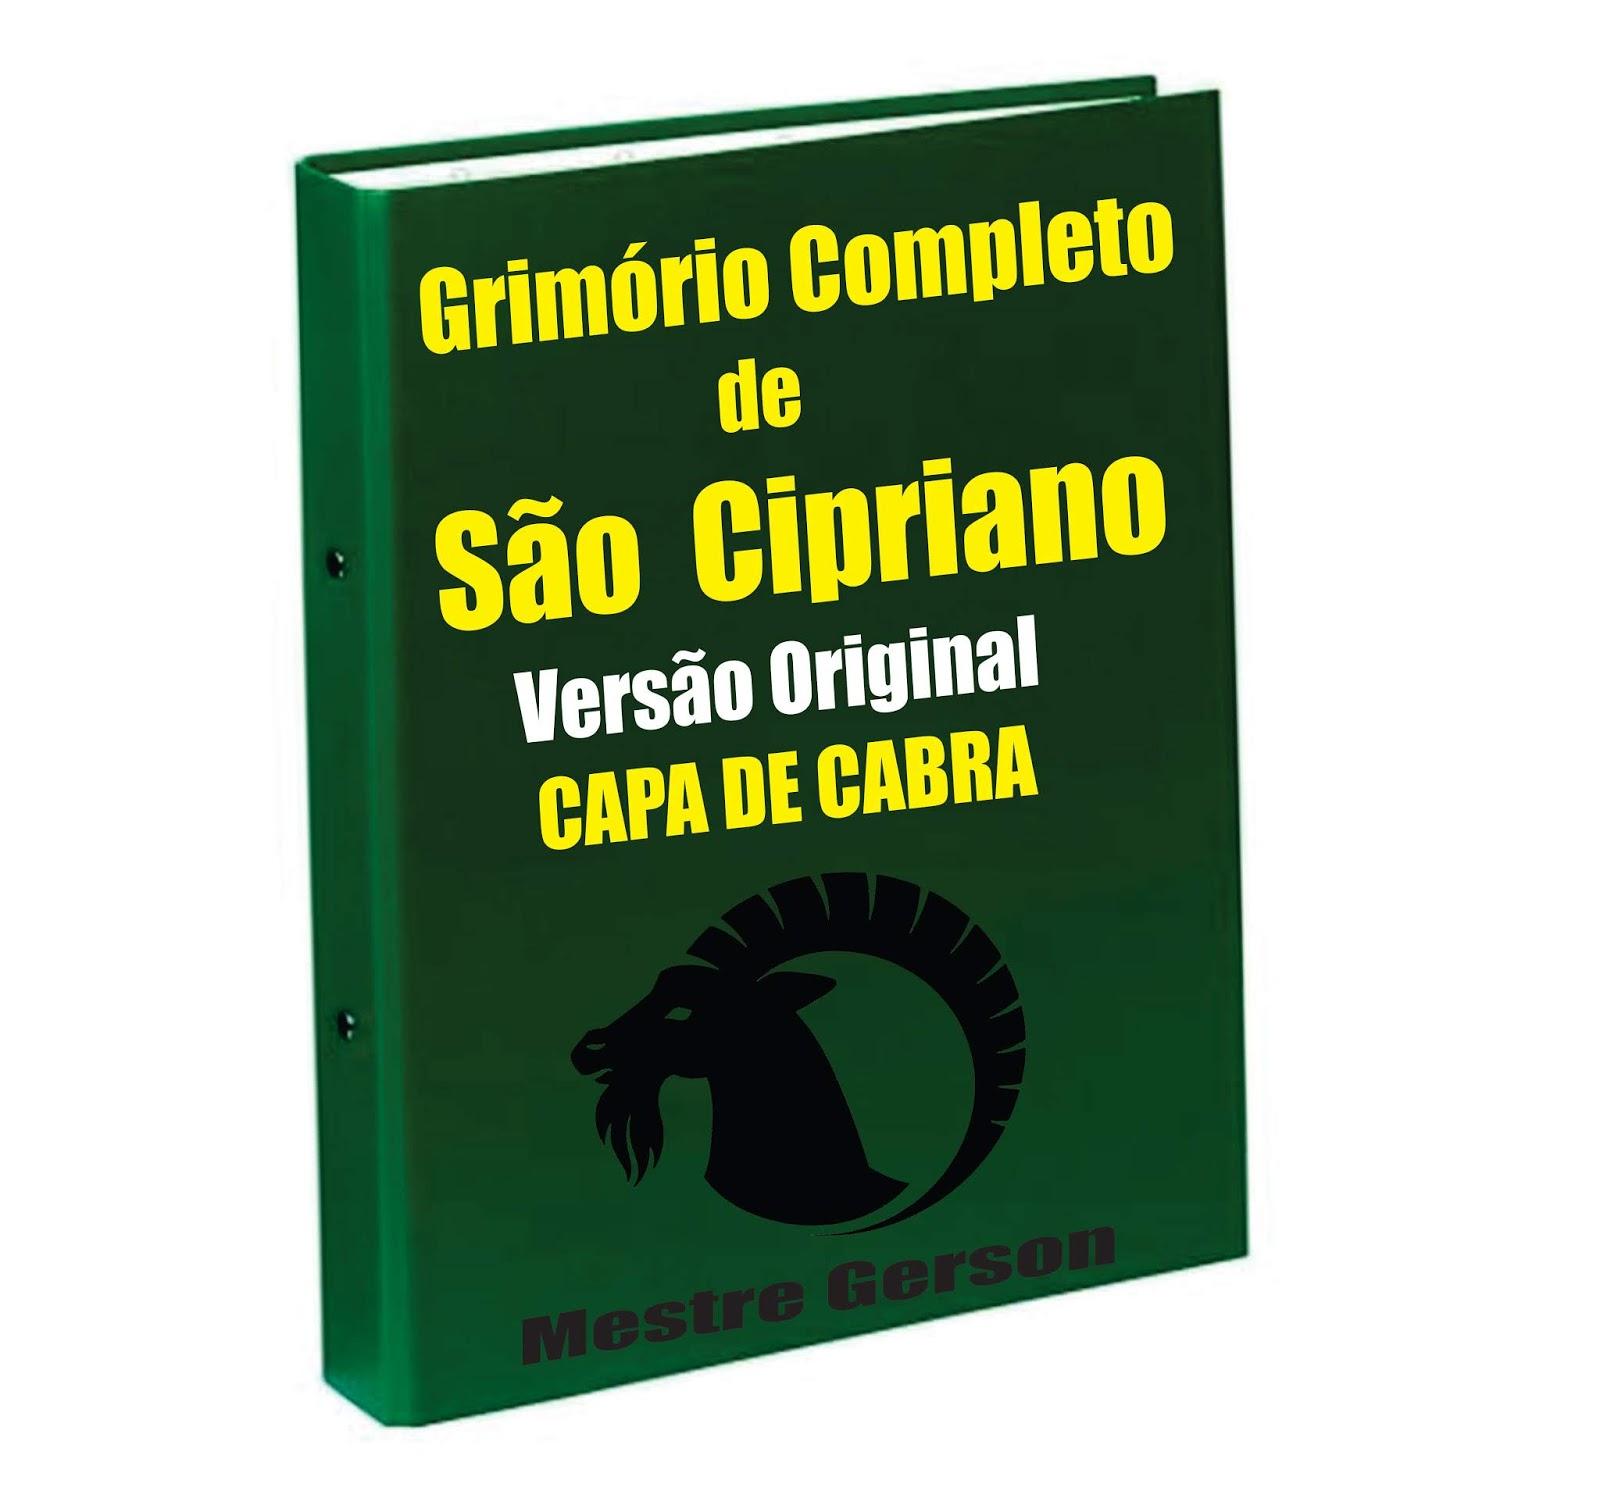 GRIMÓRIO COMPLETO DE SÃO CIPRIANO CAPA DE CABRA